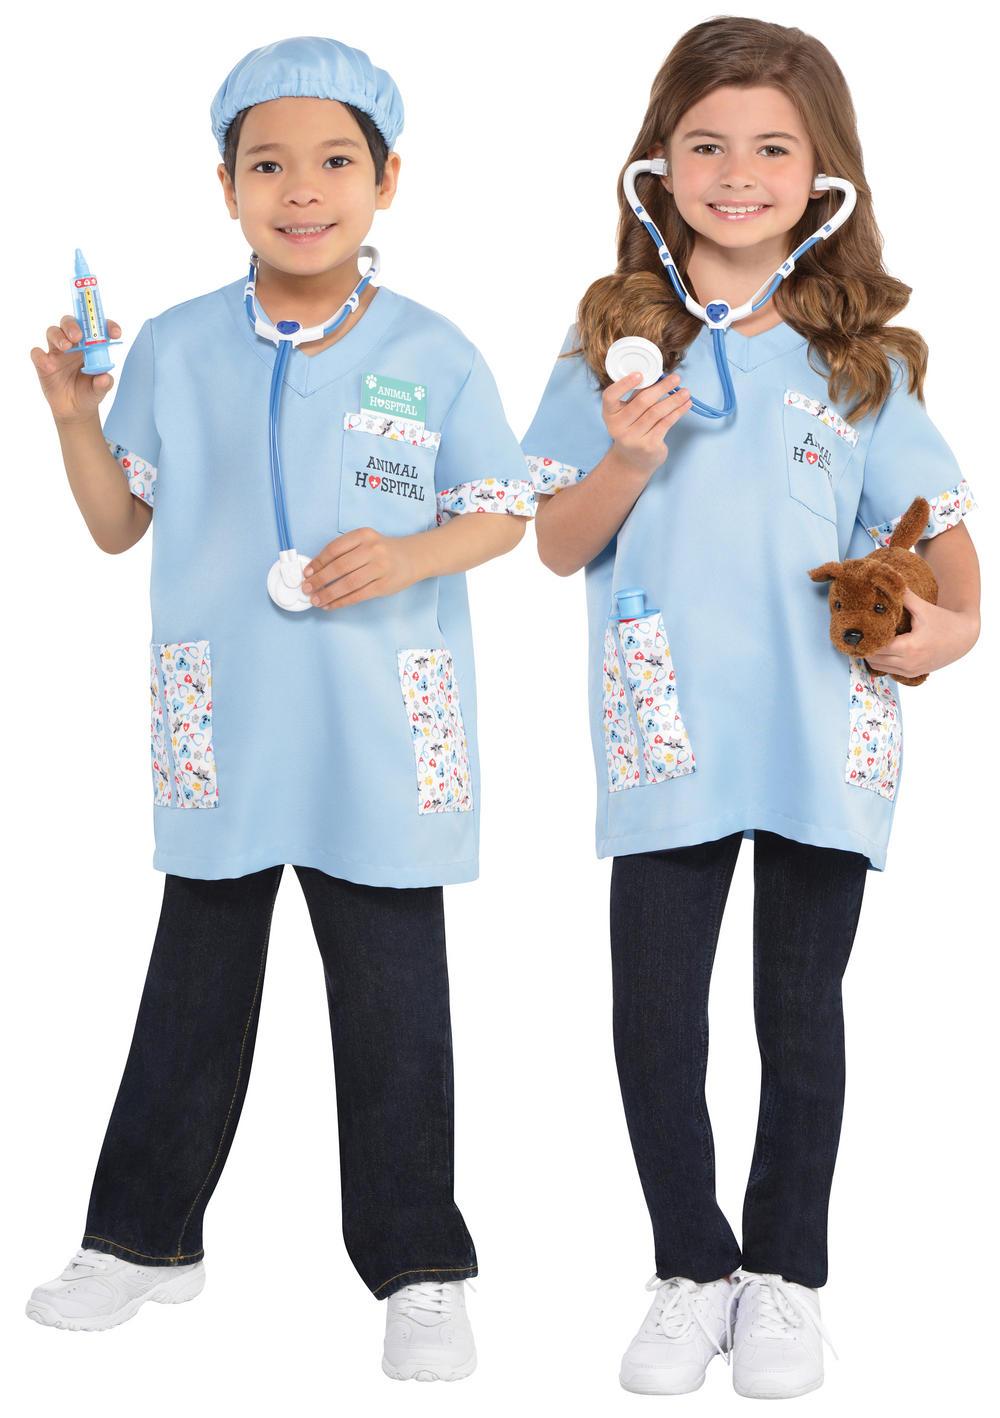 Vet Kids Costume Kit